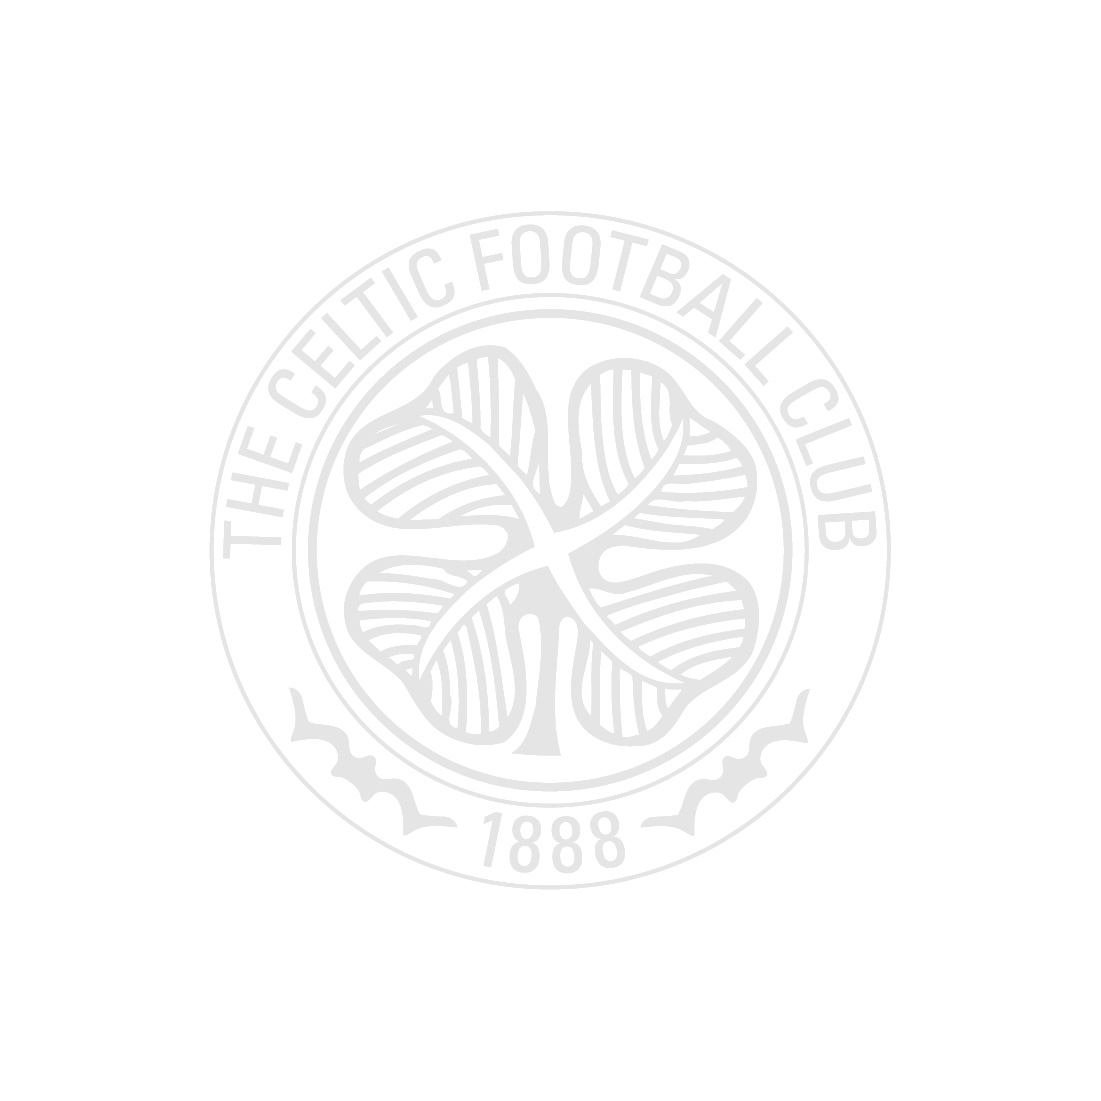 Celtic 1988 Centenary Team Jigsaw